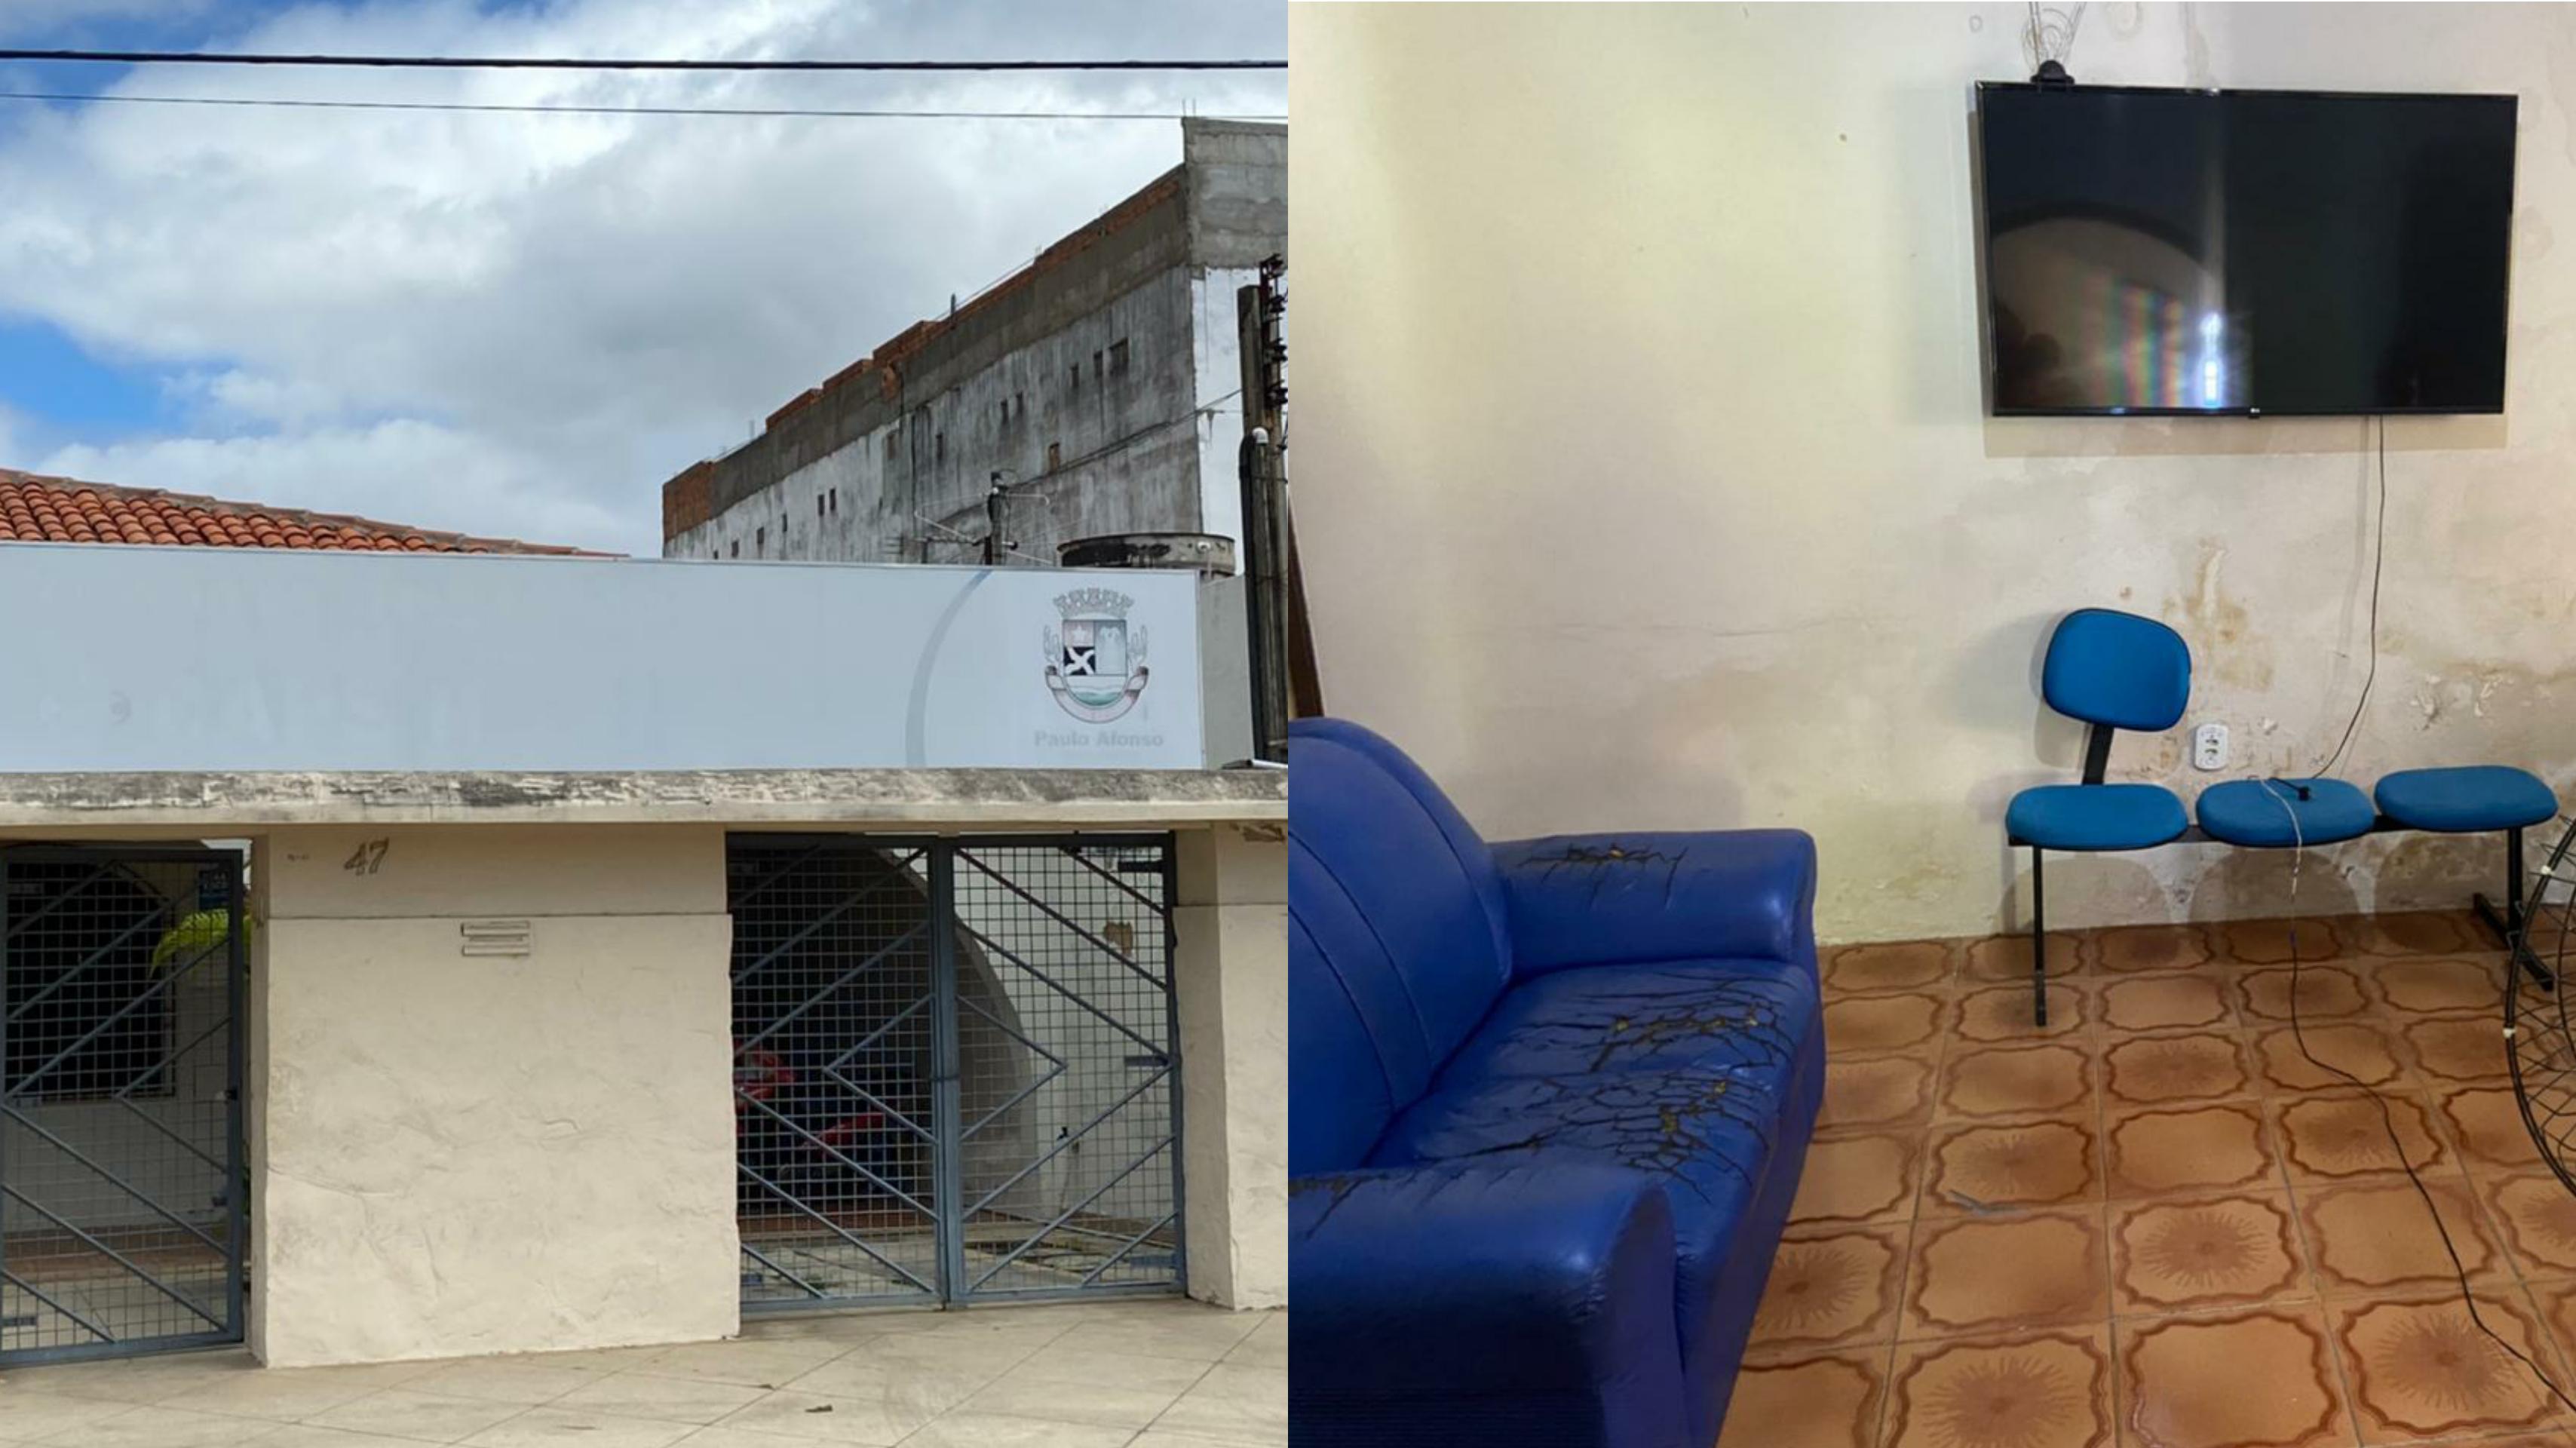 Vereadora Evinha denuncia falta de psicólogo no CAPS II e a estrutura do local ''Solicitei providências à prefeitura''